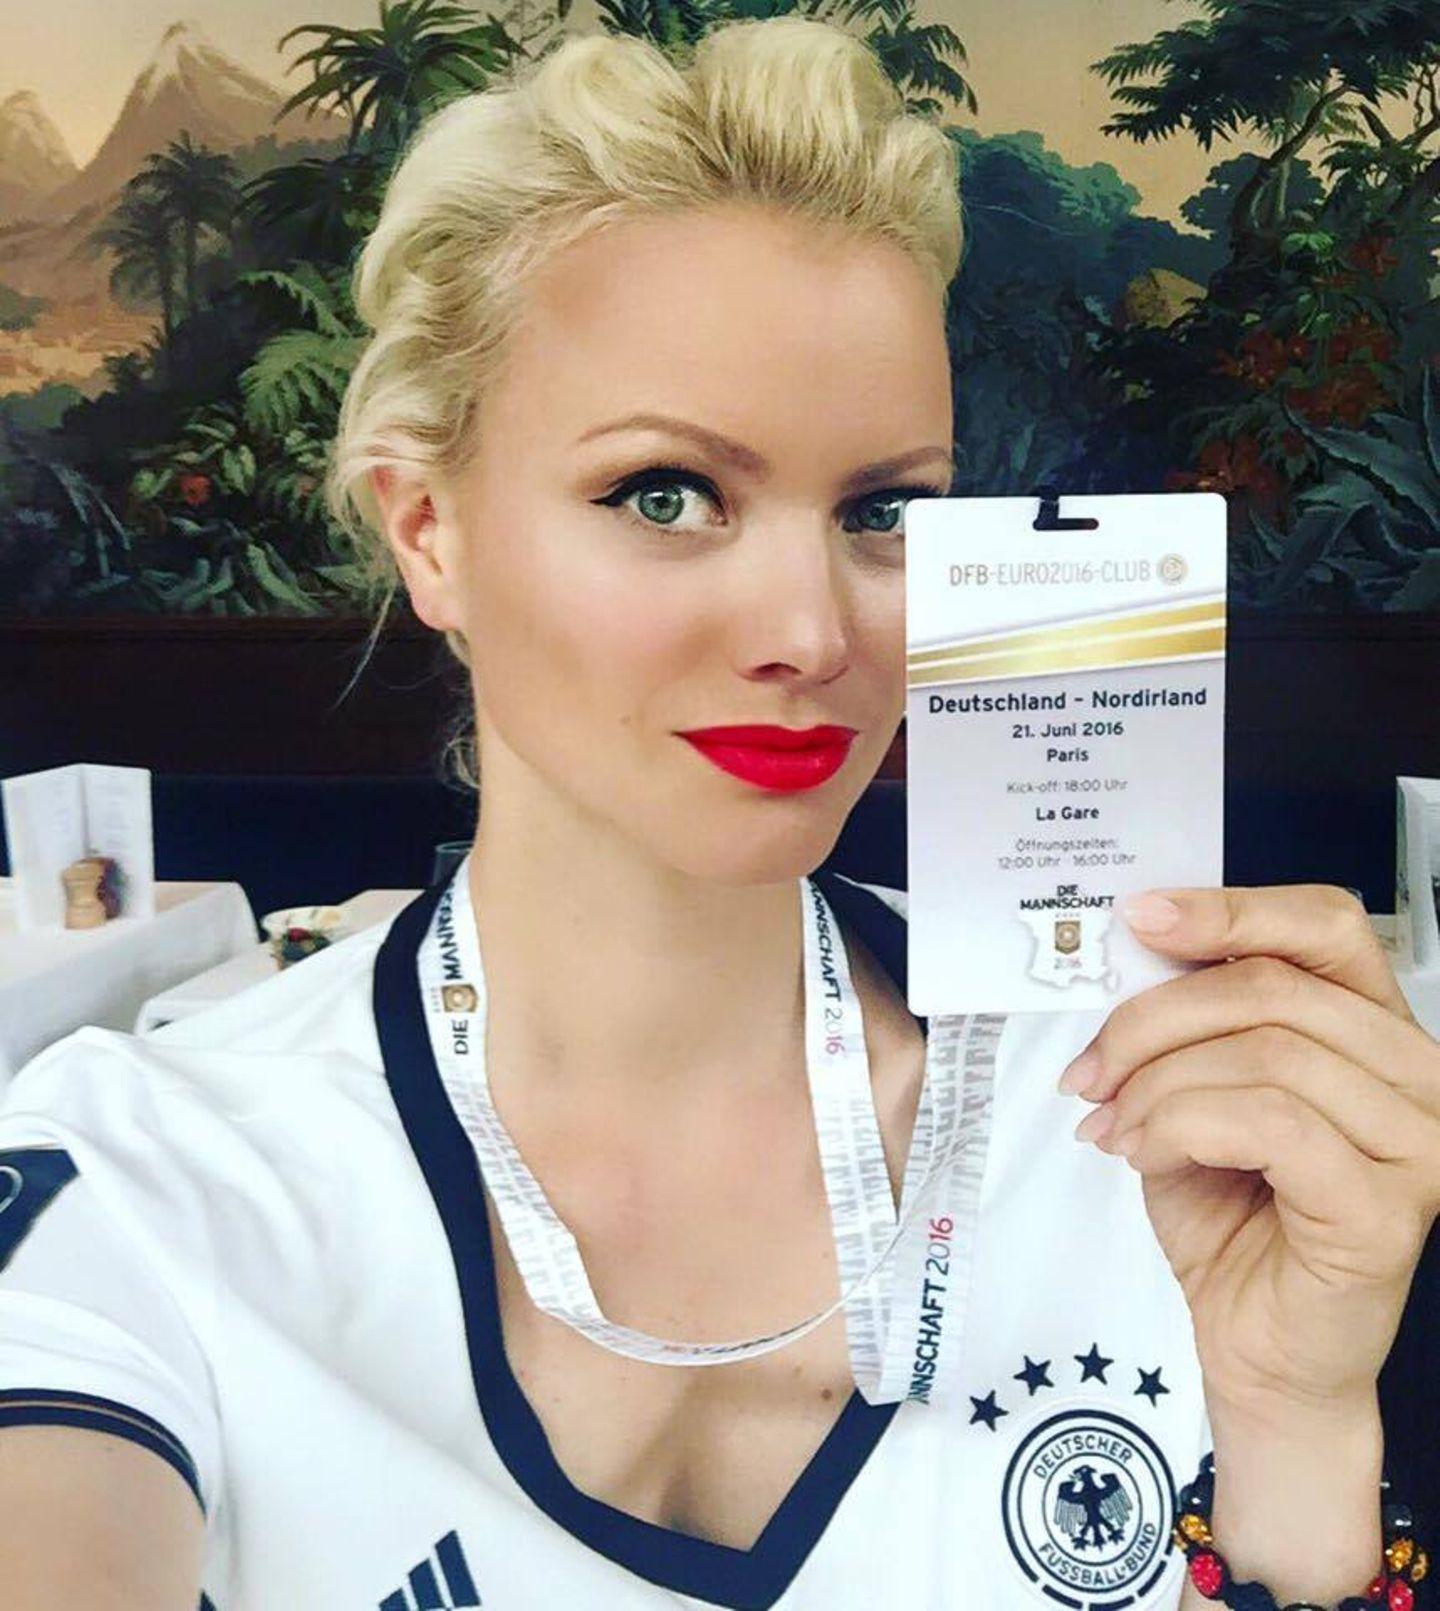 Franziska Knuppe kann das Spiel Deutschland gegen Nordirland live aus dem Stadion verfolgen.